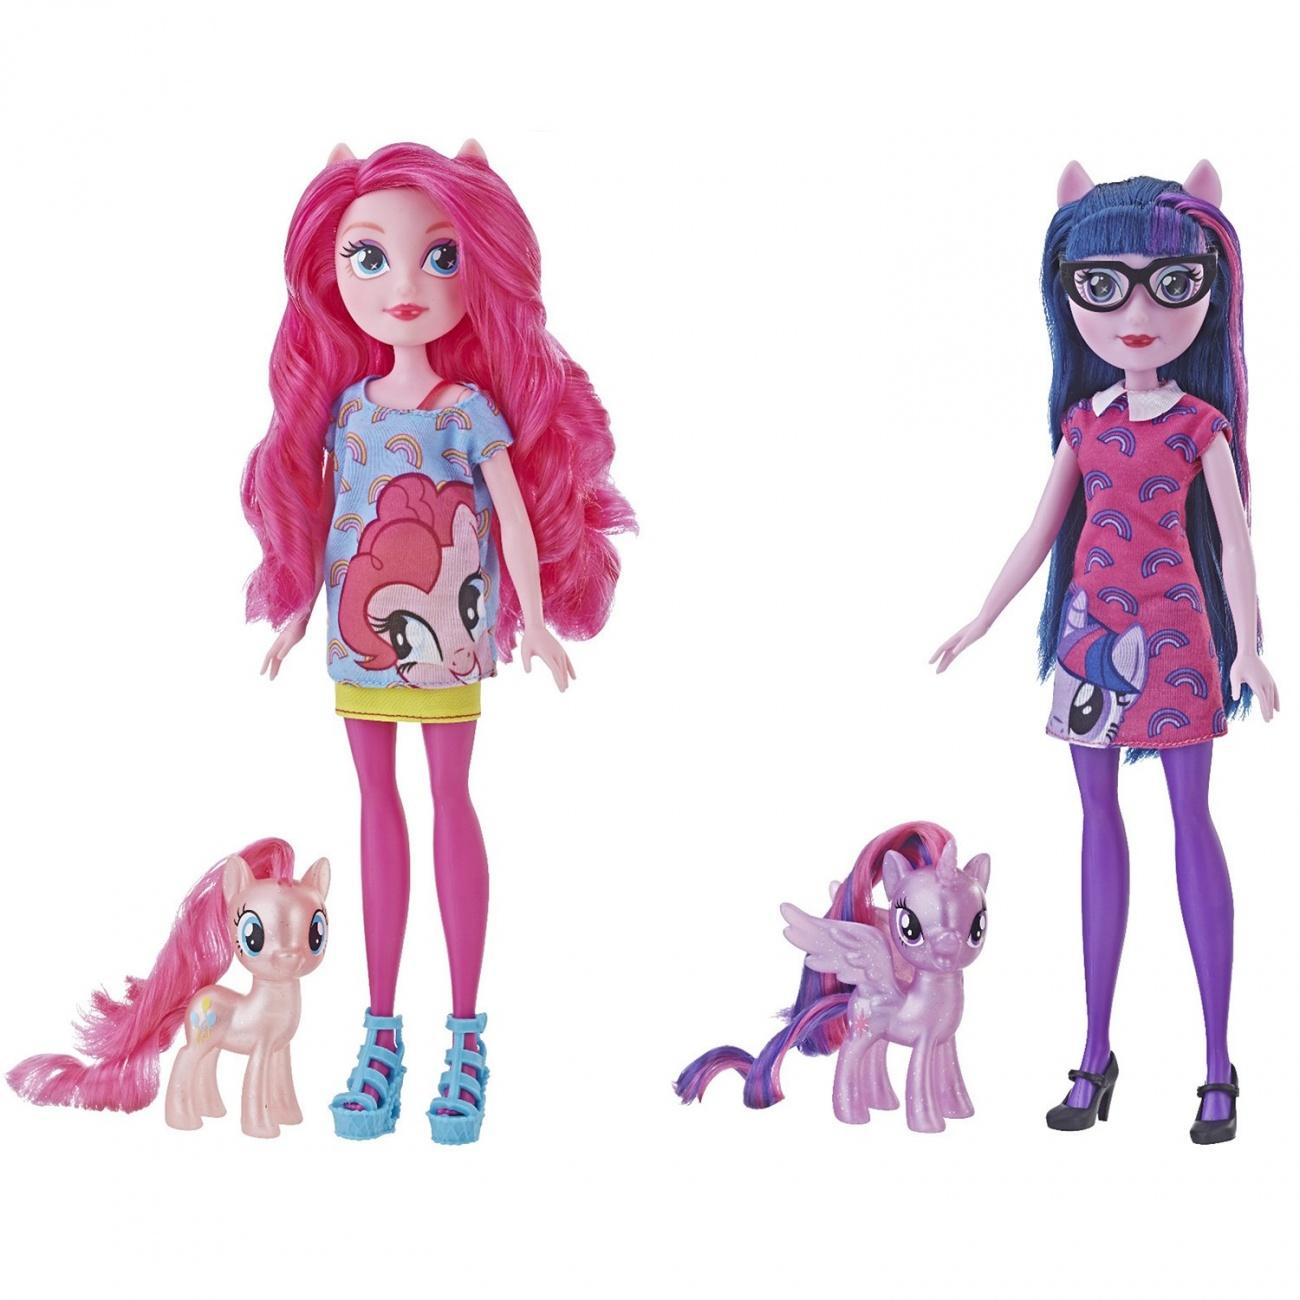 Купить Игровой набор My Little Pony Equestria Girls Пони и кукла Девочки Эквестрии в ассортименте, Hasbro,